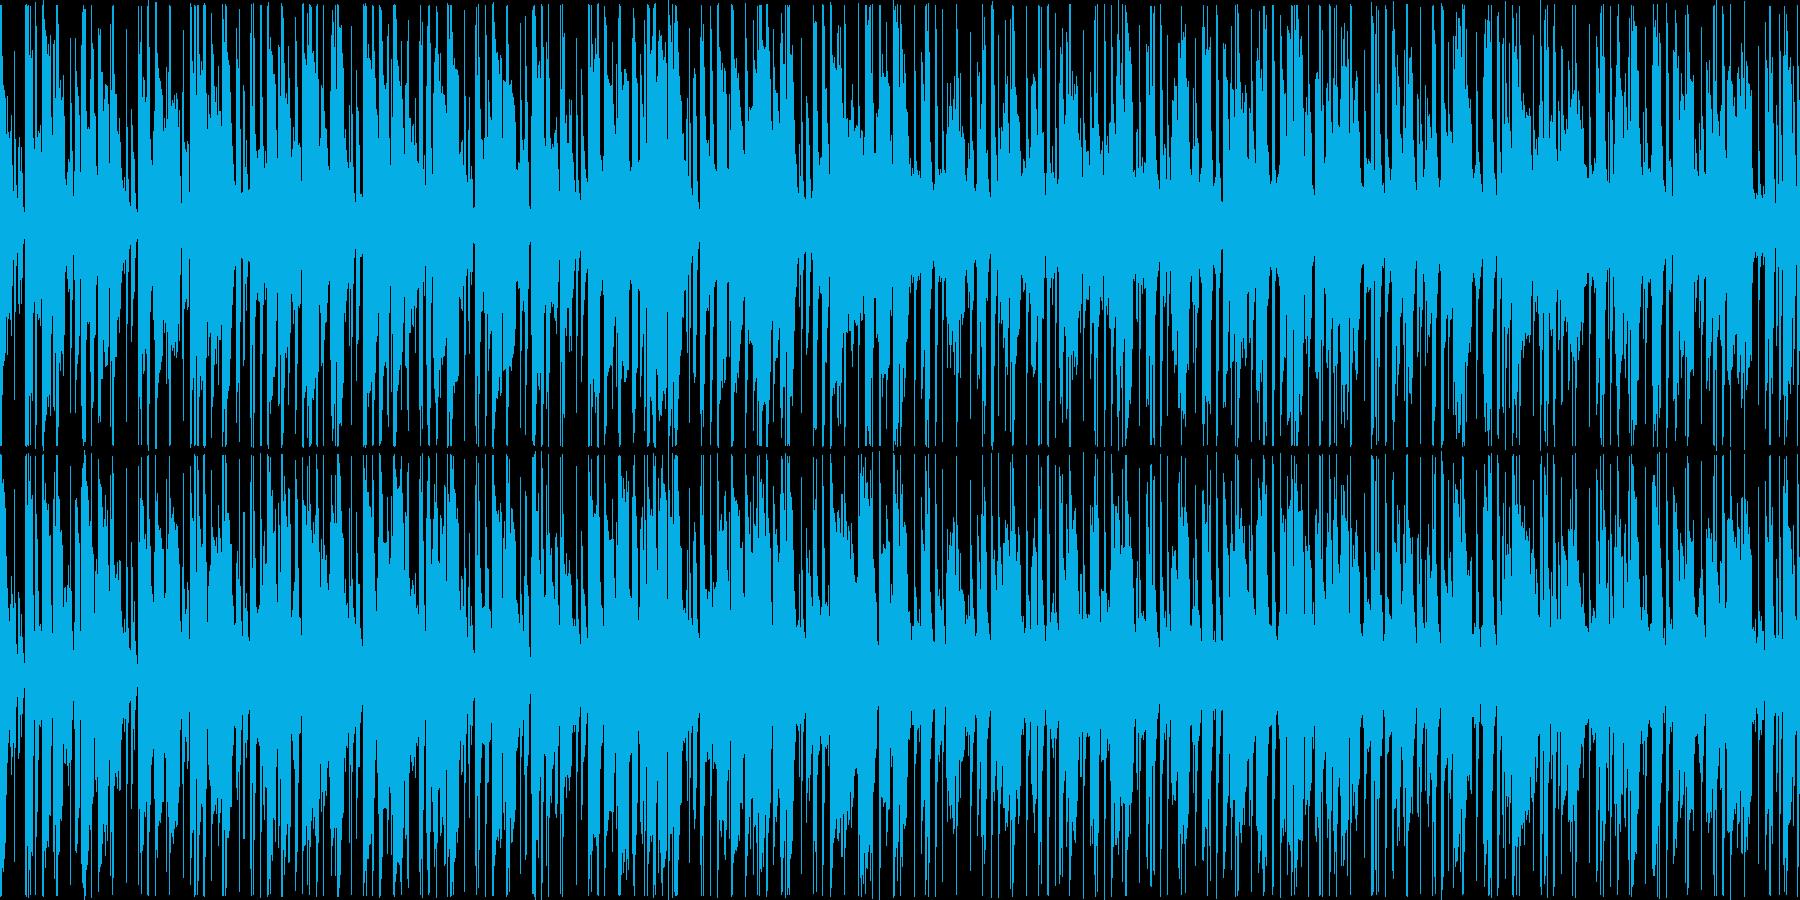 ファンキーギターが印象的スムースジャズ風の再生済みの波形